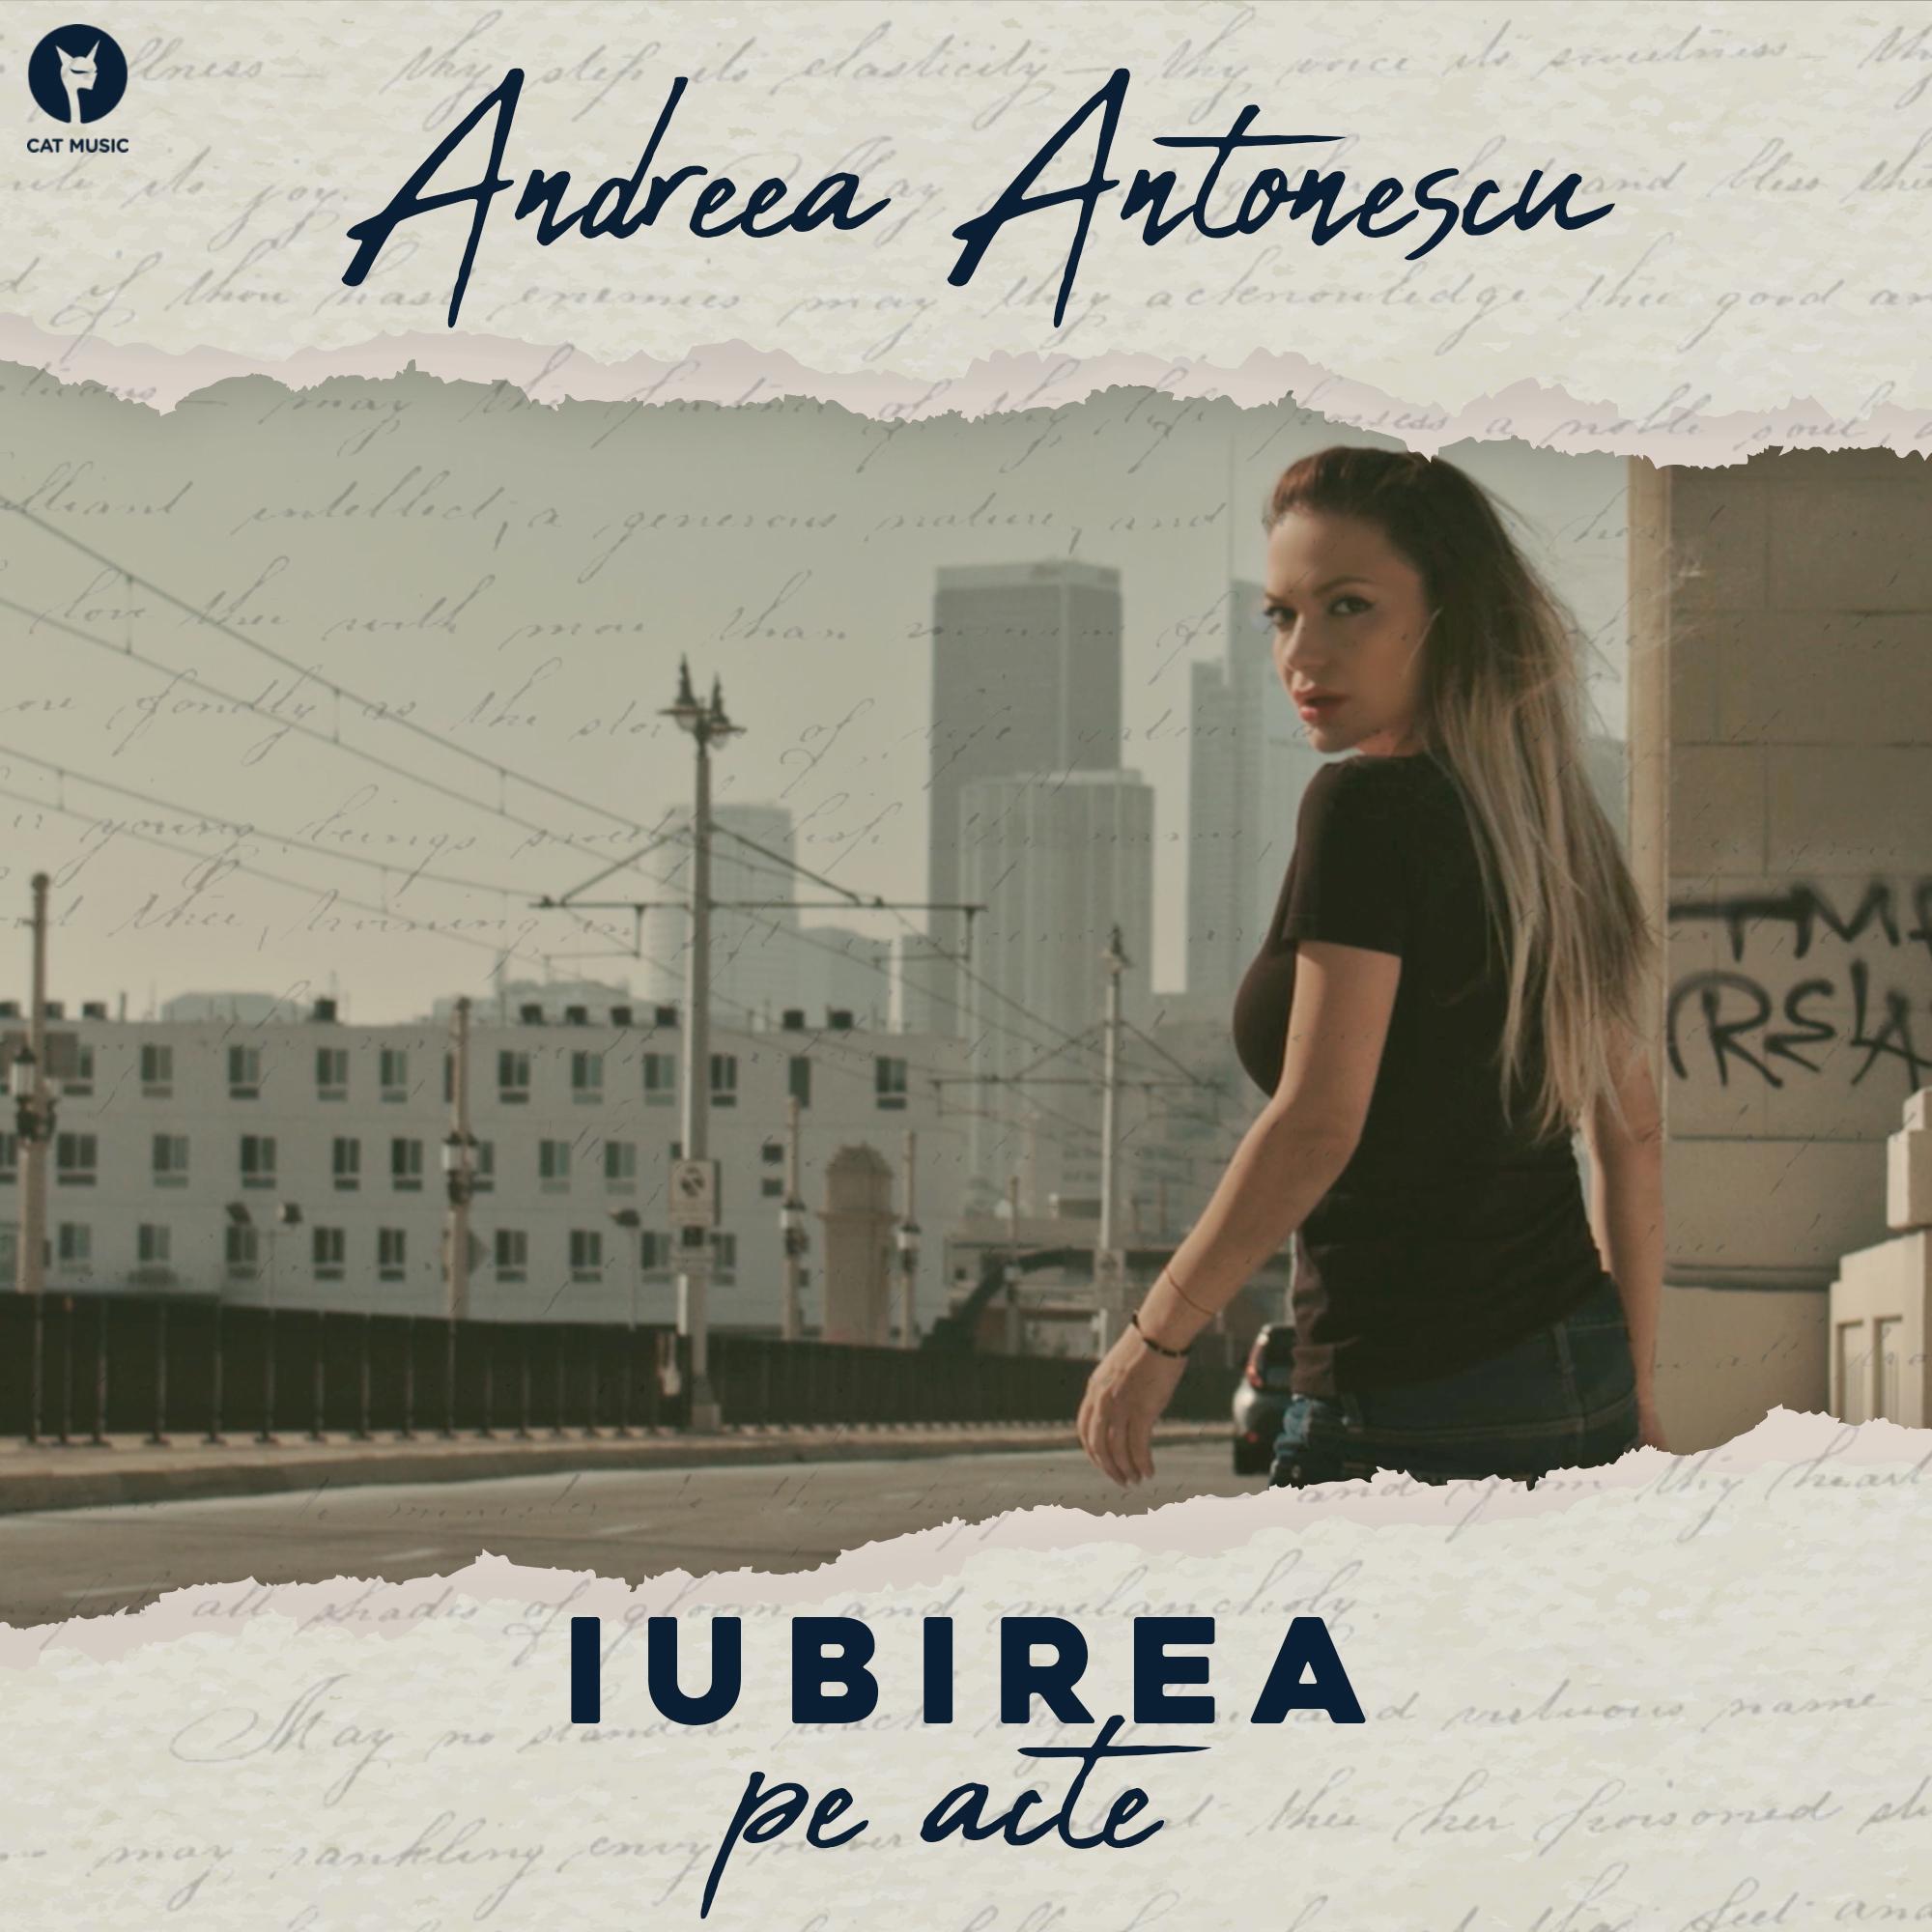 """Andreea Antonescu lanseaza """"Iubirea pe acte"""", un nou single cu videoclip filmat in L.A."""